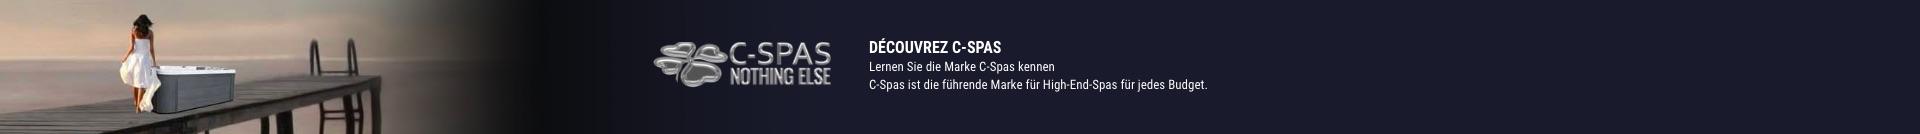 Lernen Sie die Marke C-Spas kennen